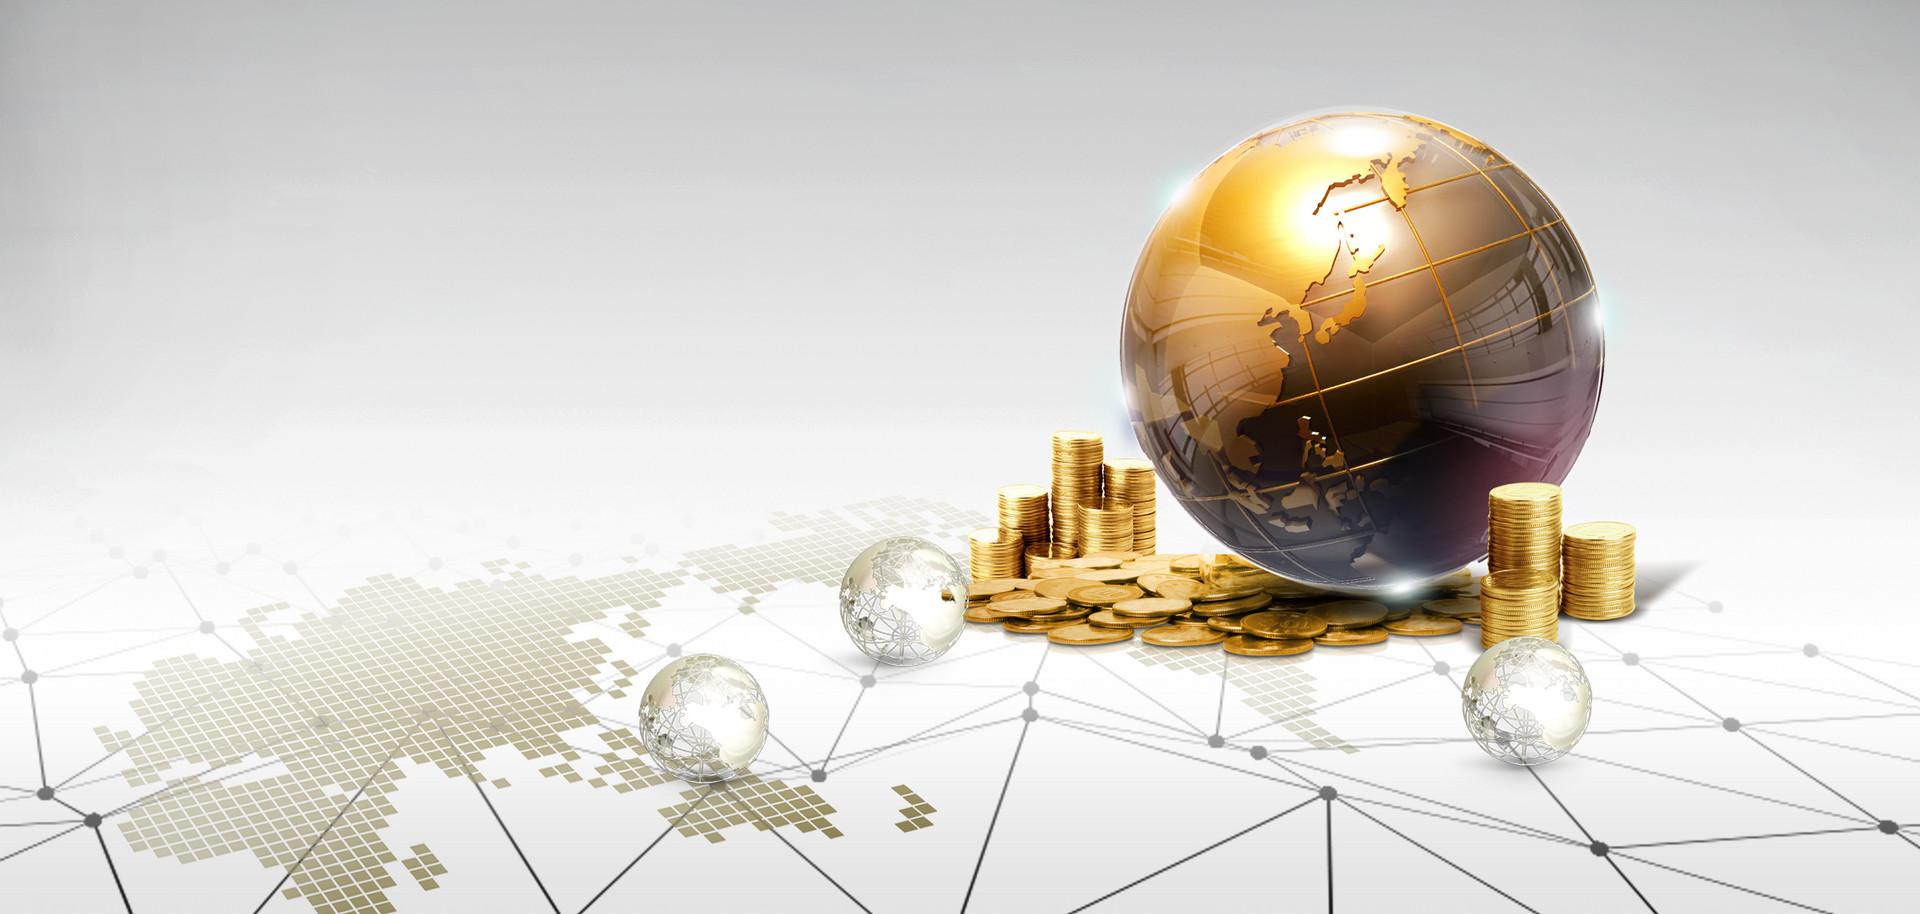 关于宁波梅山保税港区中联至盛股权投资合伙企业(有限合伙) 基金清算完成的公告